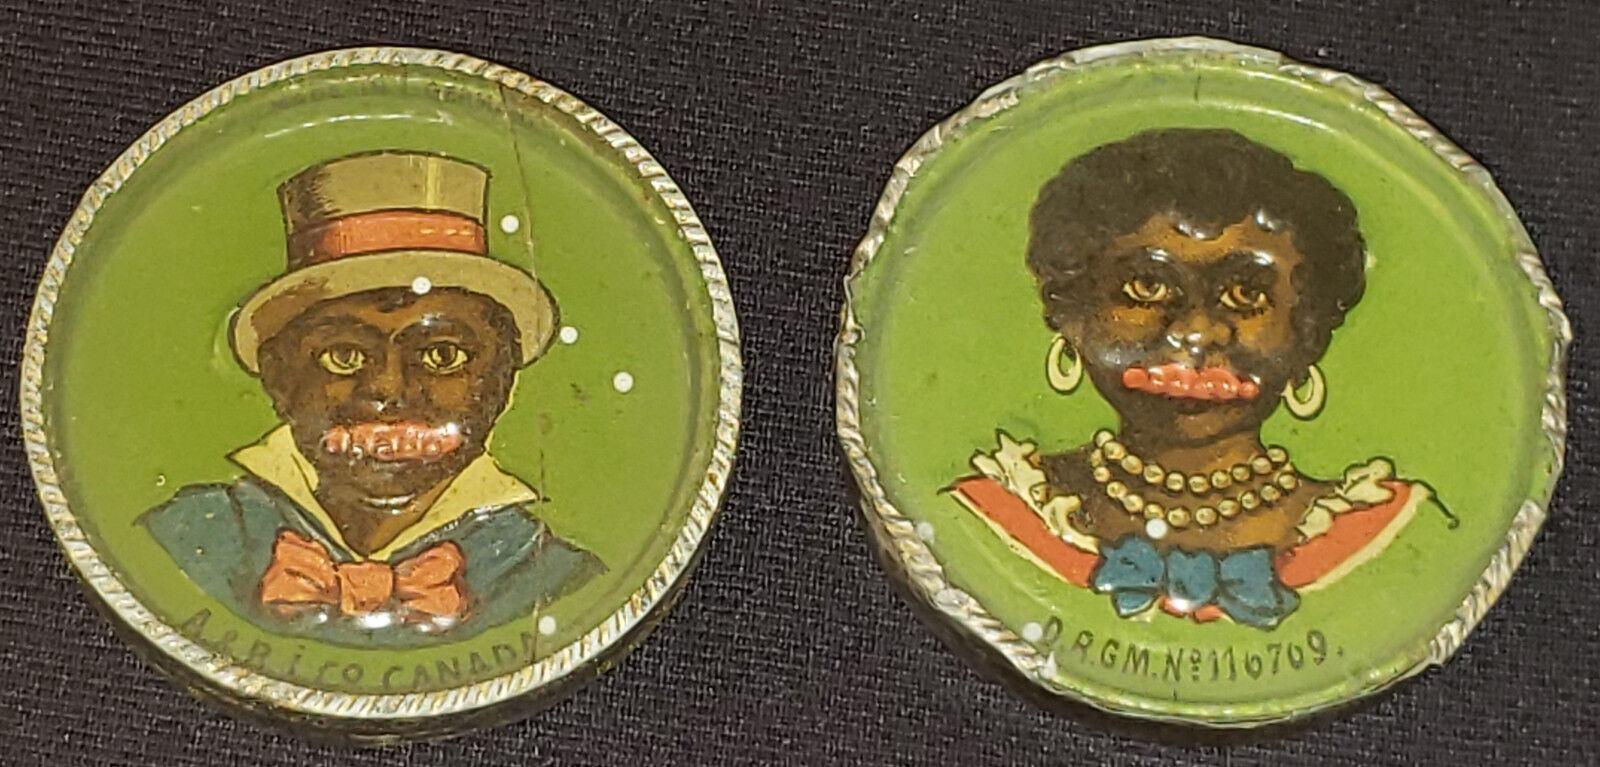 1890 1900's - Americana Negra-juegos de destreza-Puzzle - (2) - Original